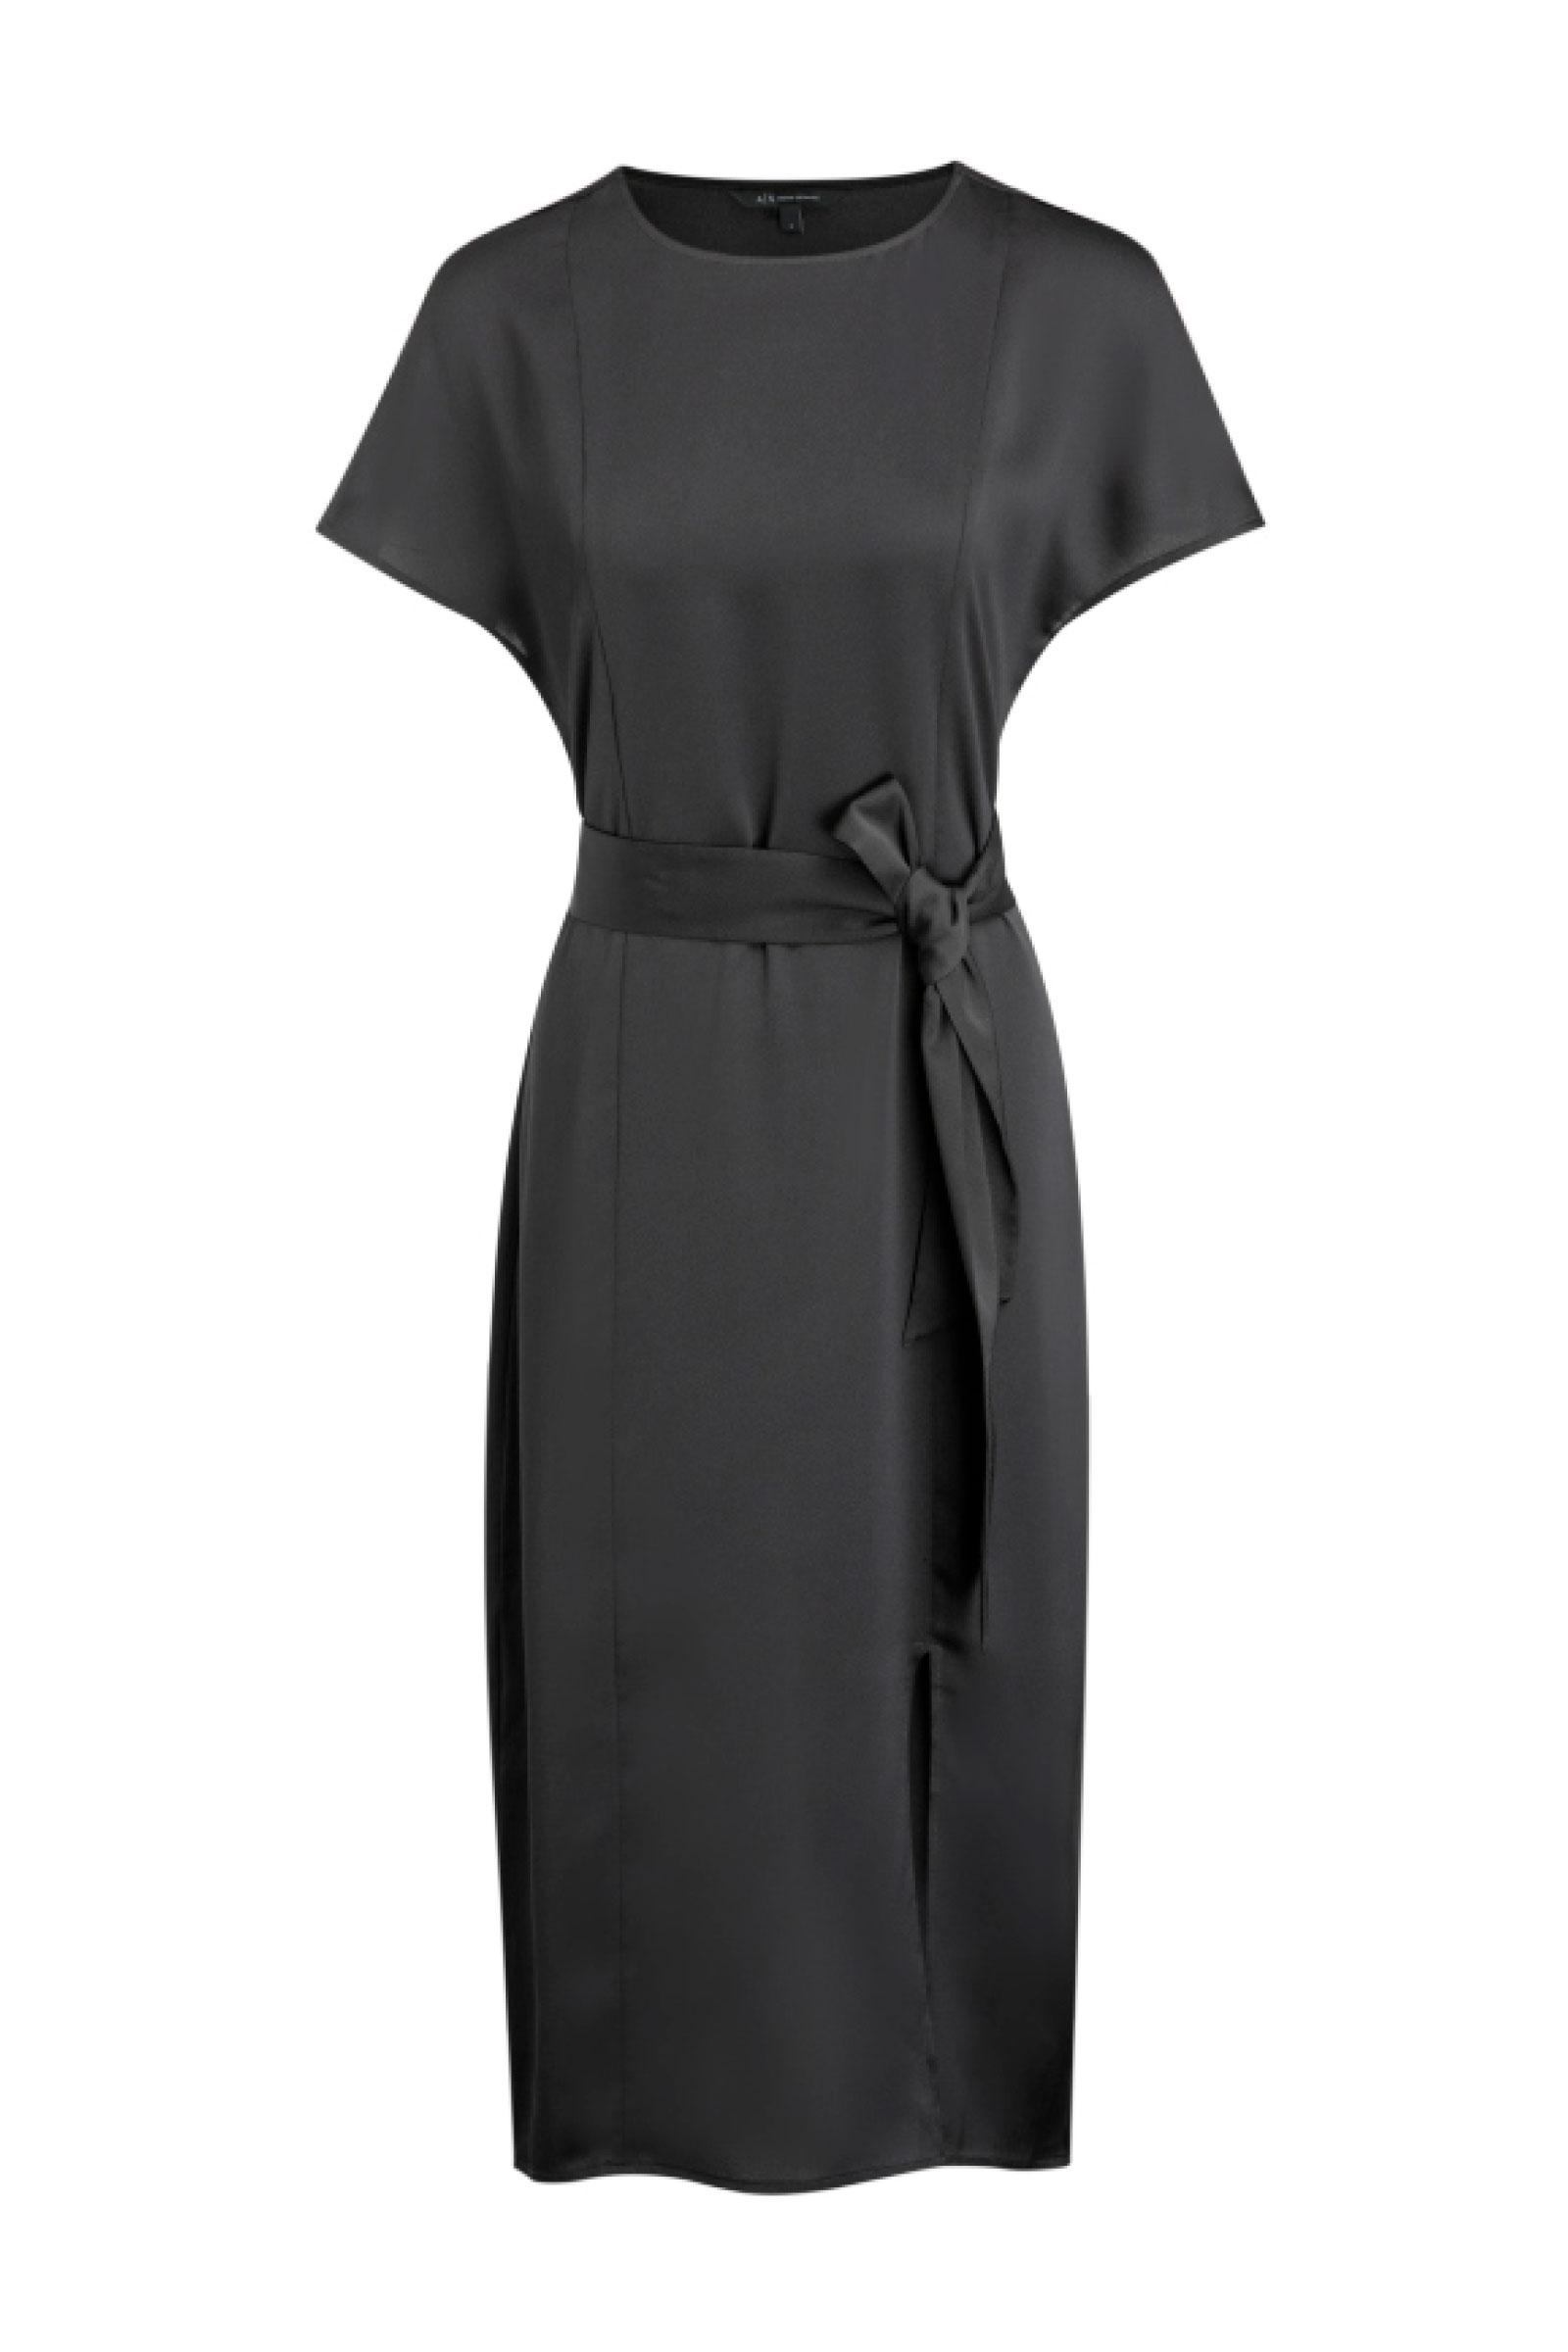 ARMANI EXCHANGE Women's Dress ARMANI EXCHANGE | Dress | 3KYA02 YNLTZ1200